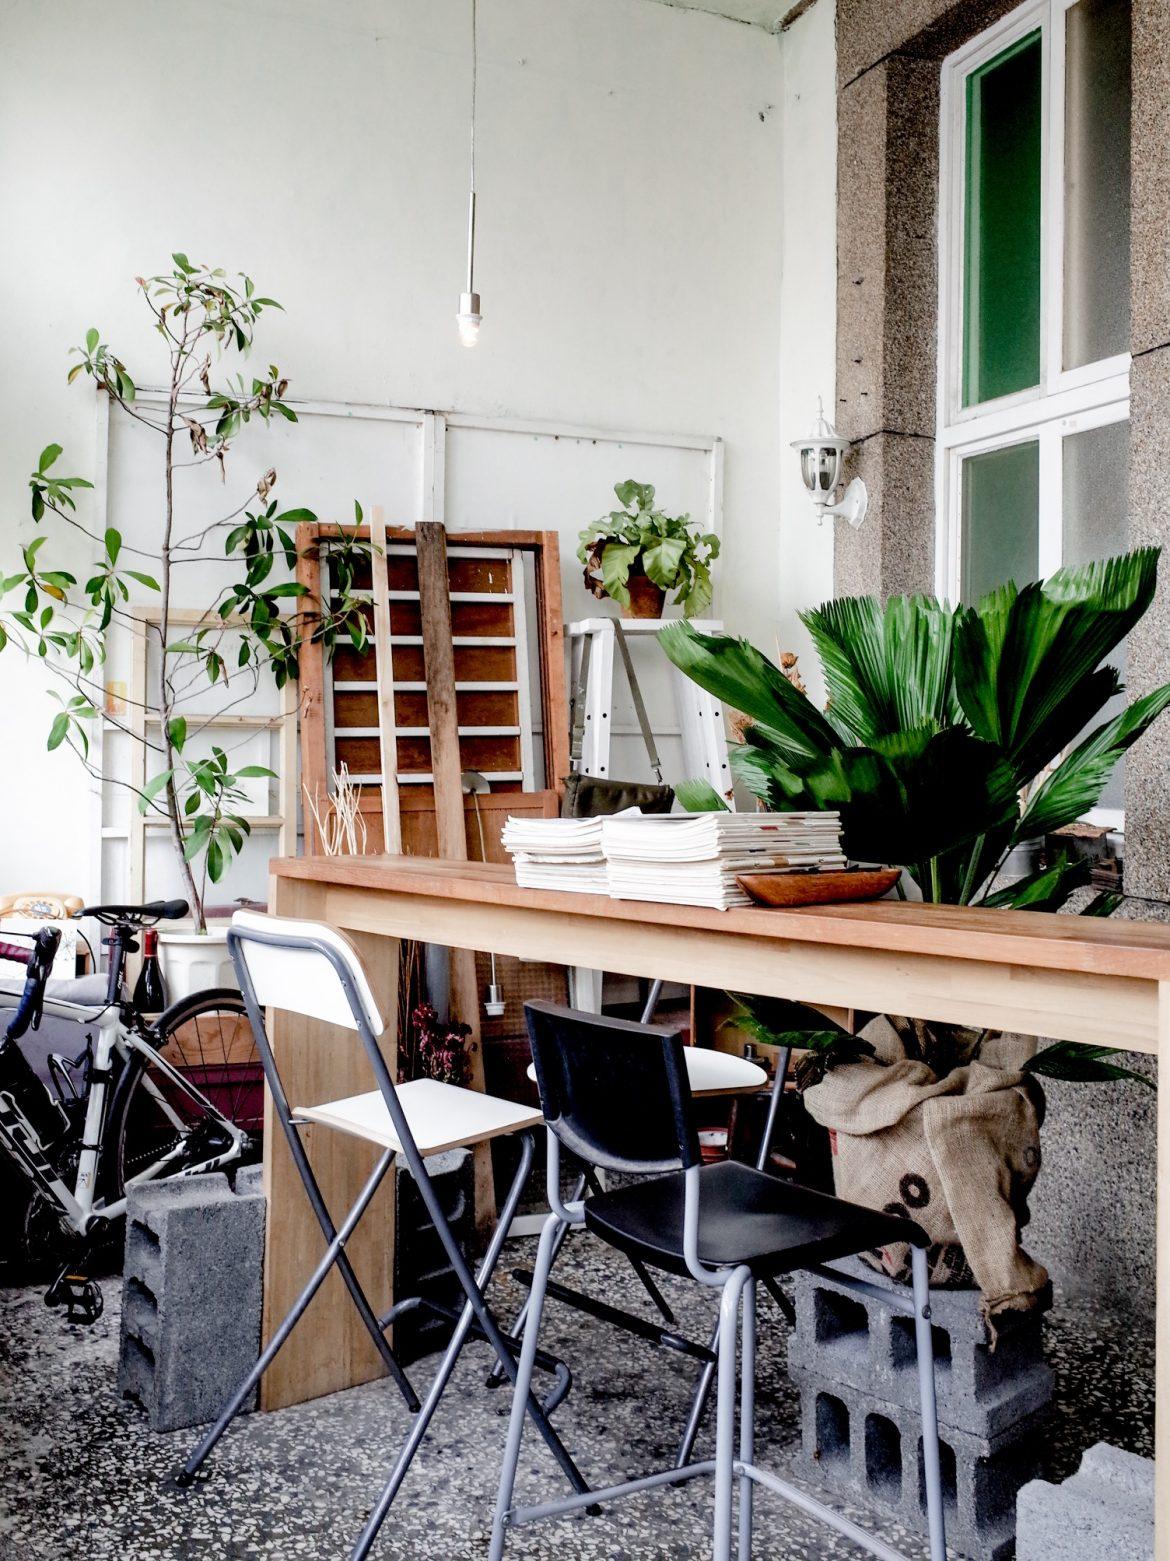 前院的小小座檯,一旁堆疊著木窗與工具,在大量綠色植栽環繞下,竟也有種庭院工作室般的舒適感。